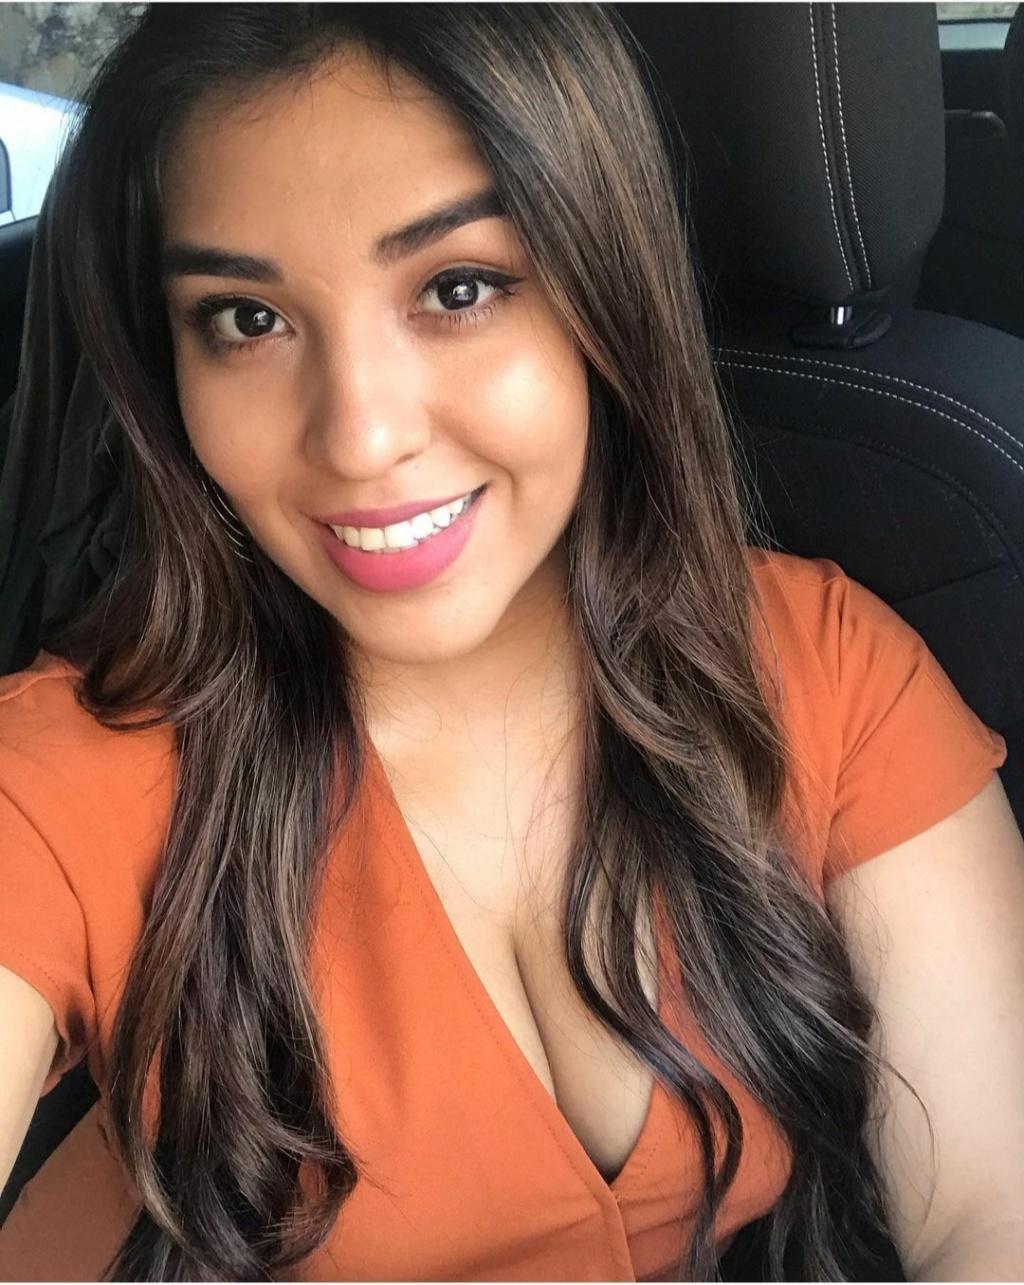 DEBATE sobre belleza, guapura y hermosura (fotos de chicas latinas, mestizas, y de todo) - VOL II - Página 7 Img_1249